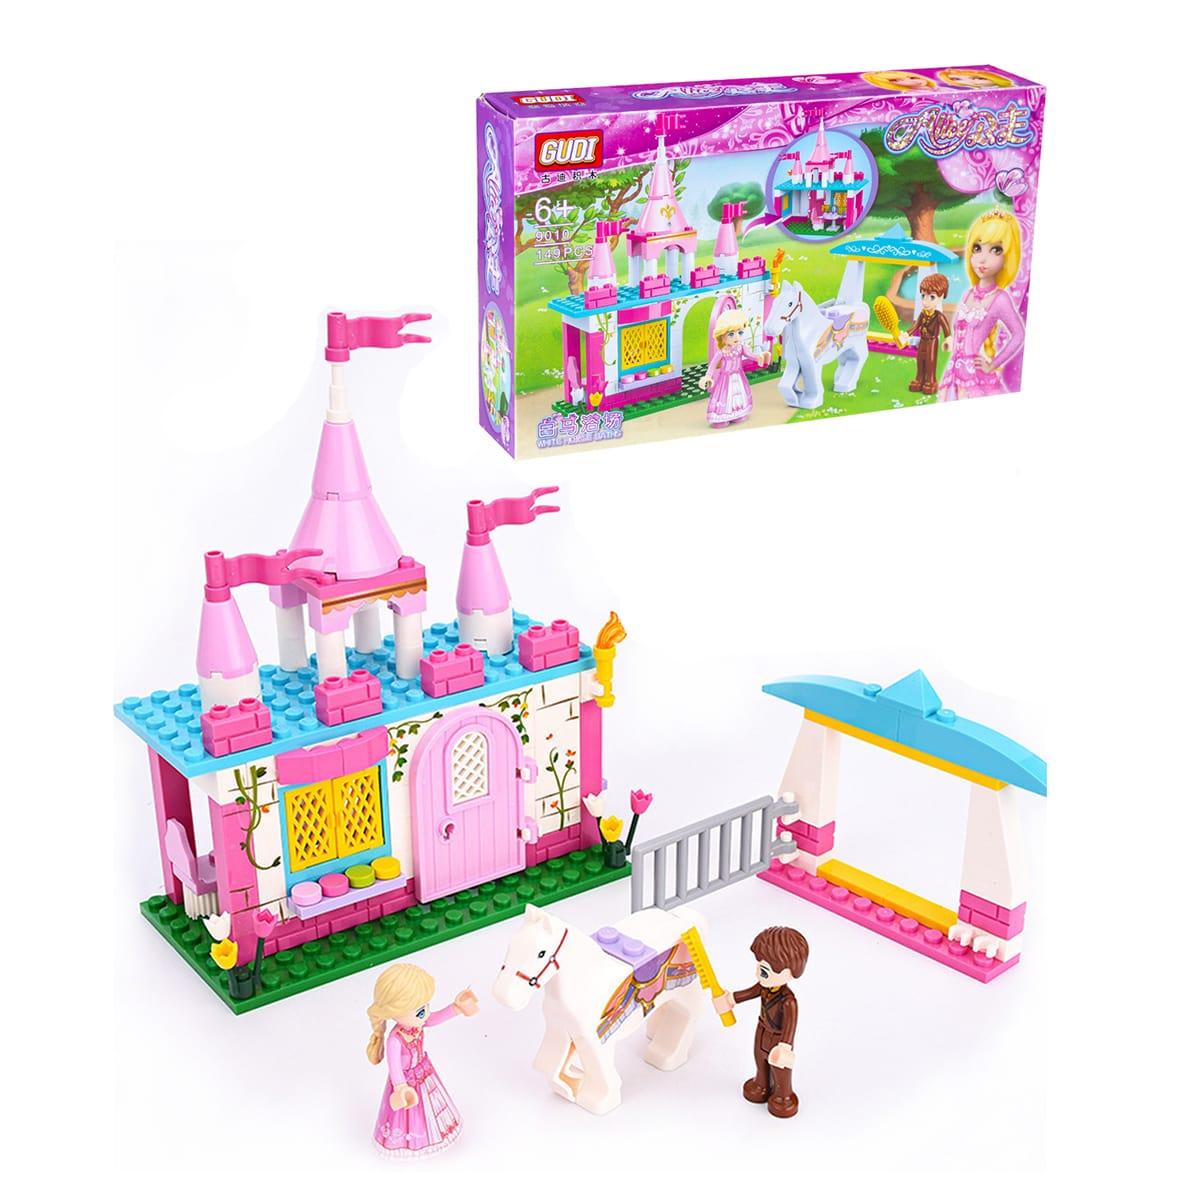 Детские кубики в форме замка 149шт